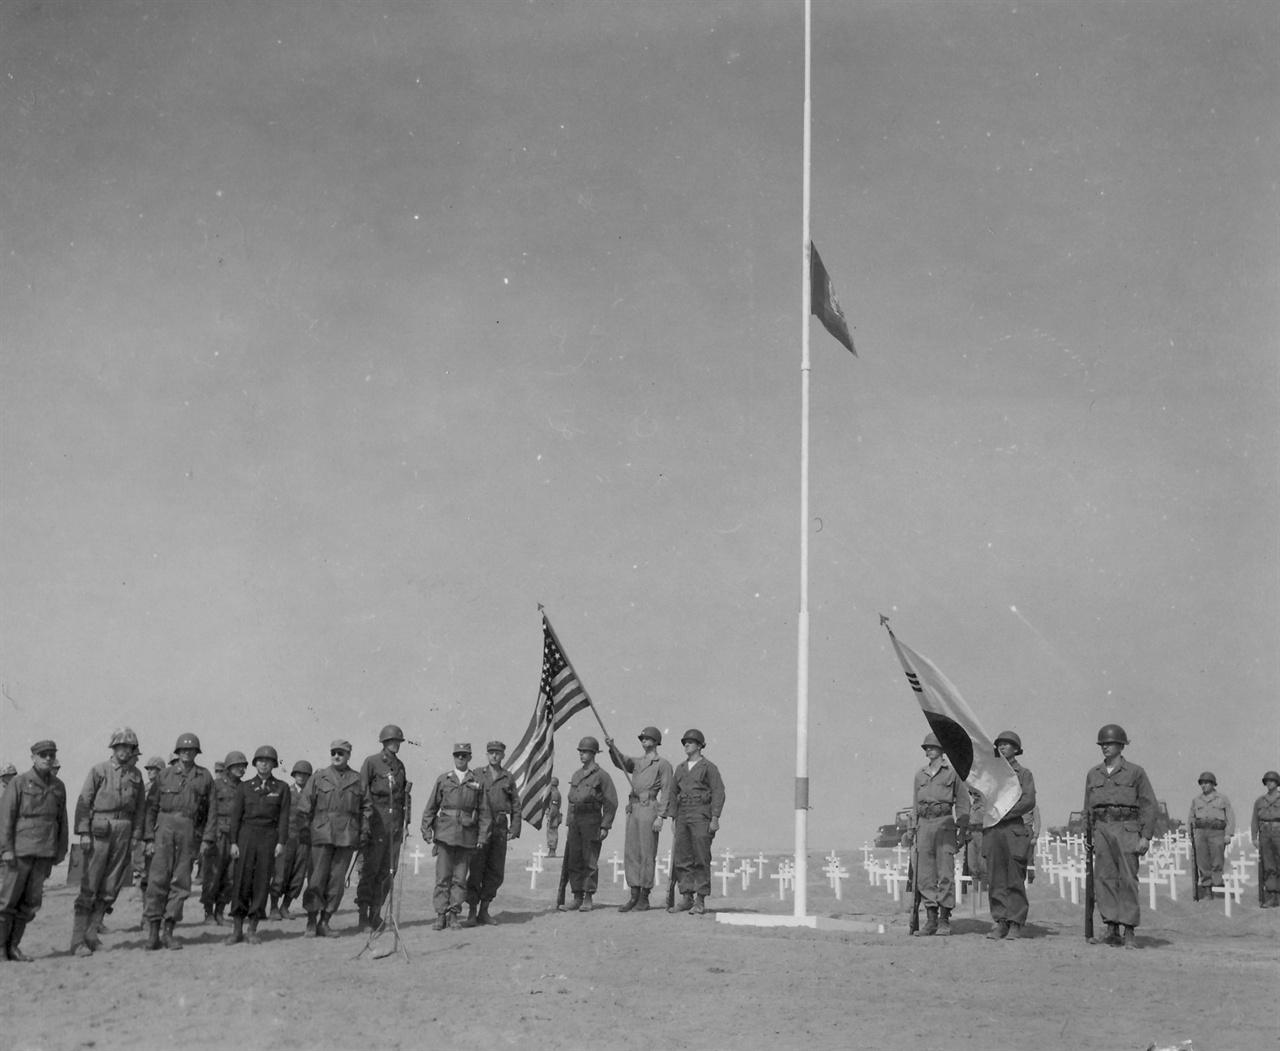 유엔군묘지에도 추도식을 거행하고 있다(1950. 10. 8.).